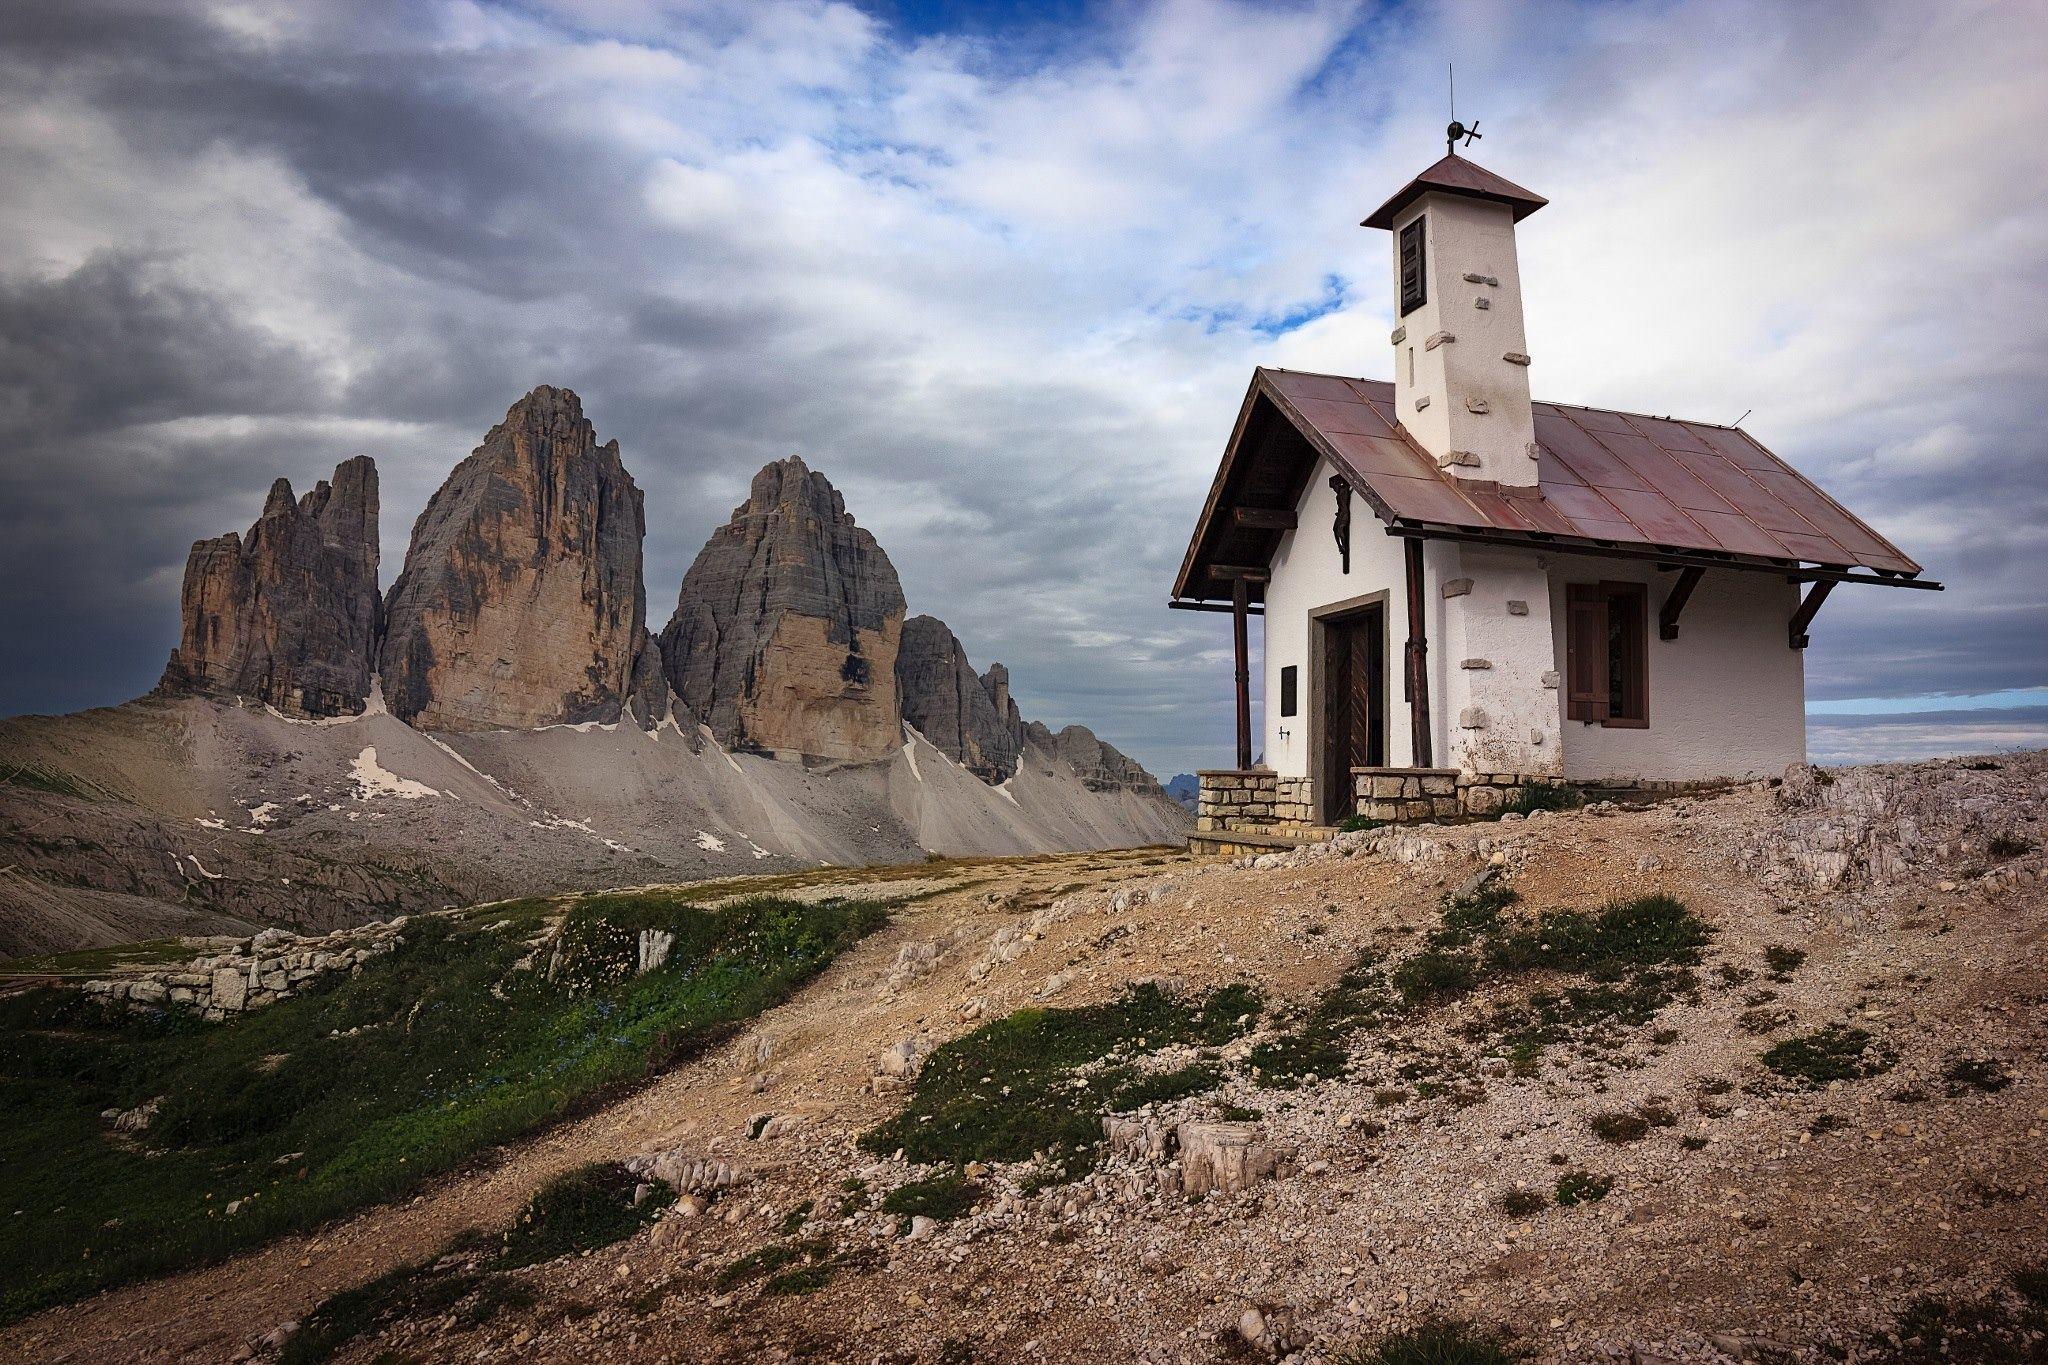 Chiesetta al Locatelli - Tre Cime di Lavaredo - Dolomiti di Sesto - Trentino Alto Adige